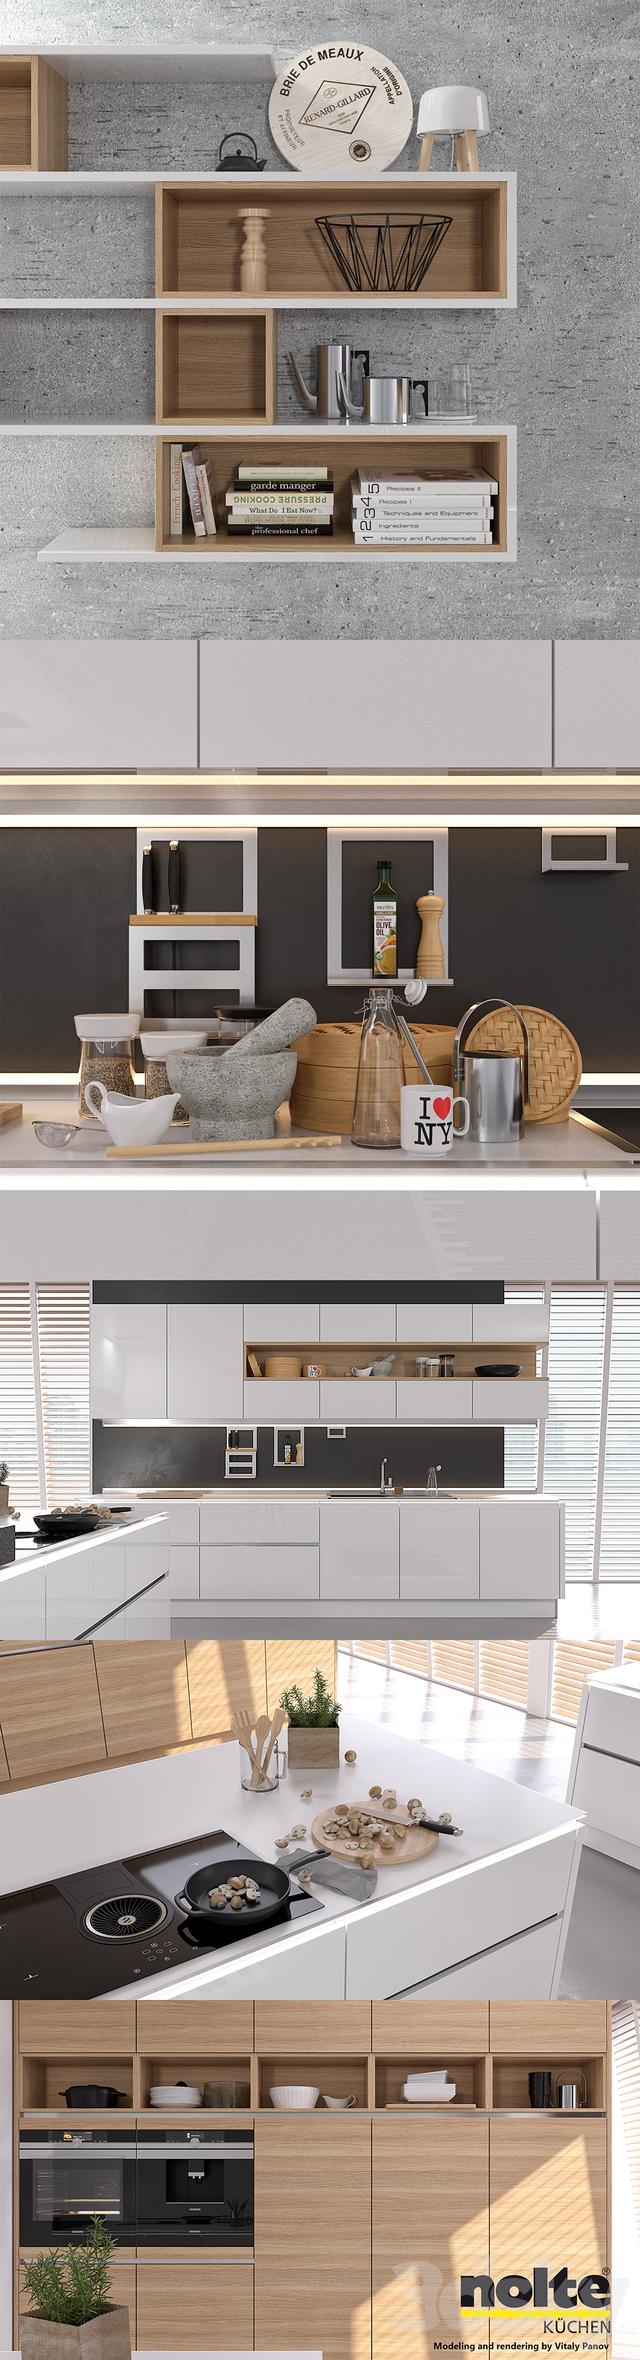 3d models Kitchen Kitchen NOLTE Nova Lack vray GGX